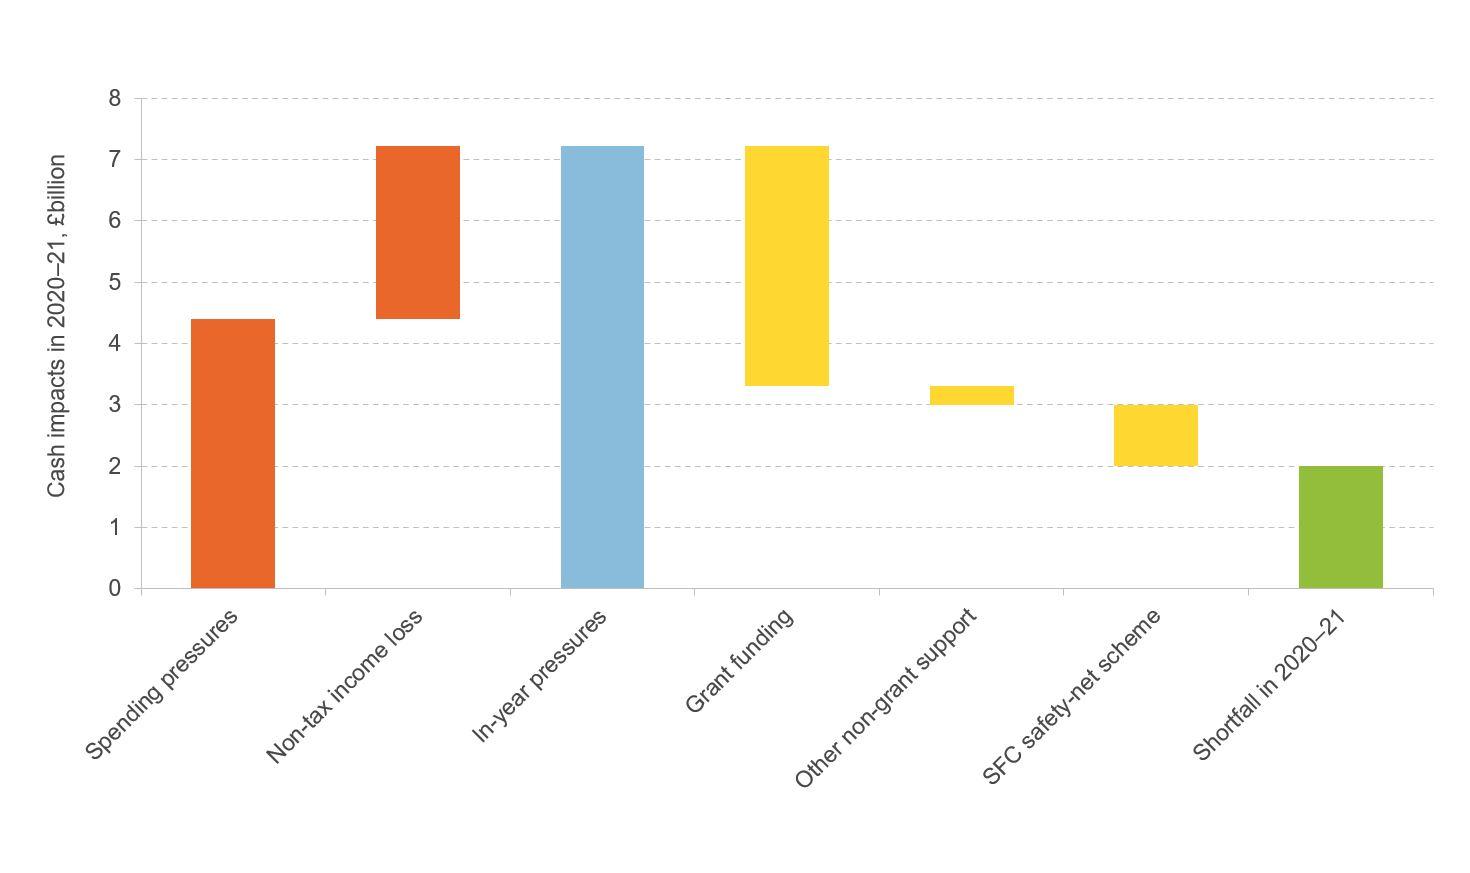 Figure showing baseline forecast unmet spending